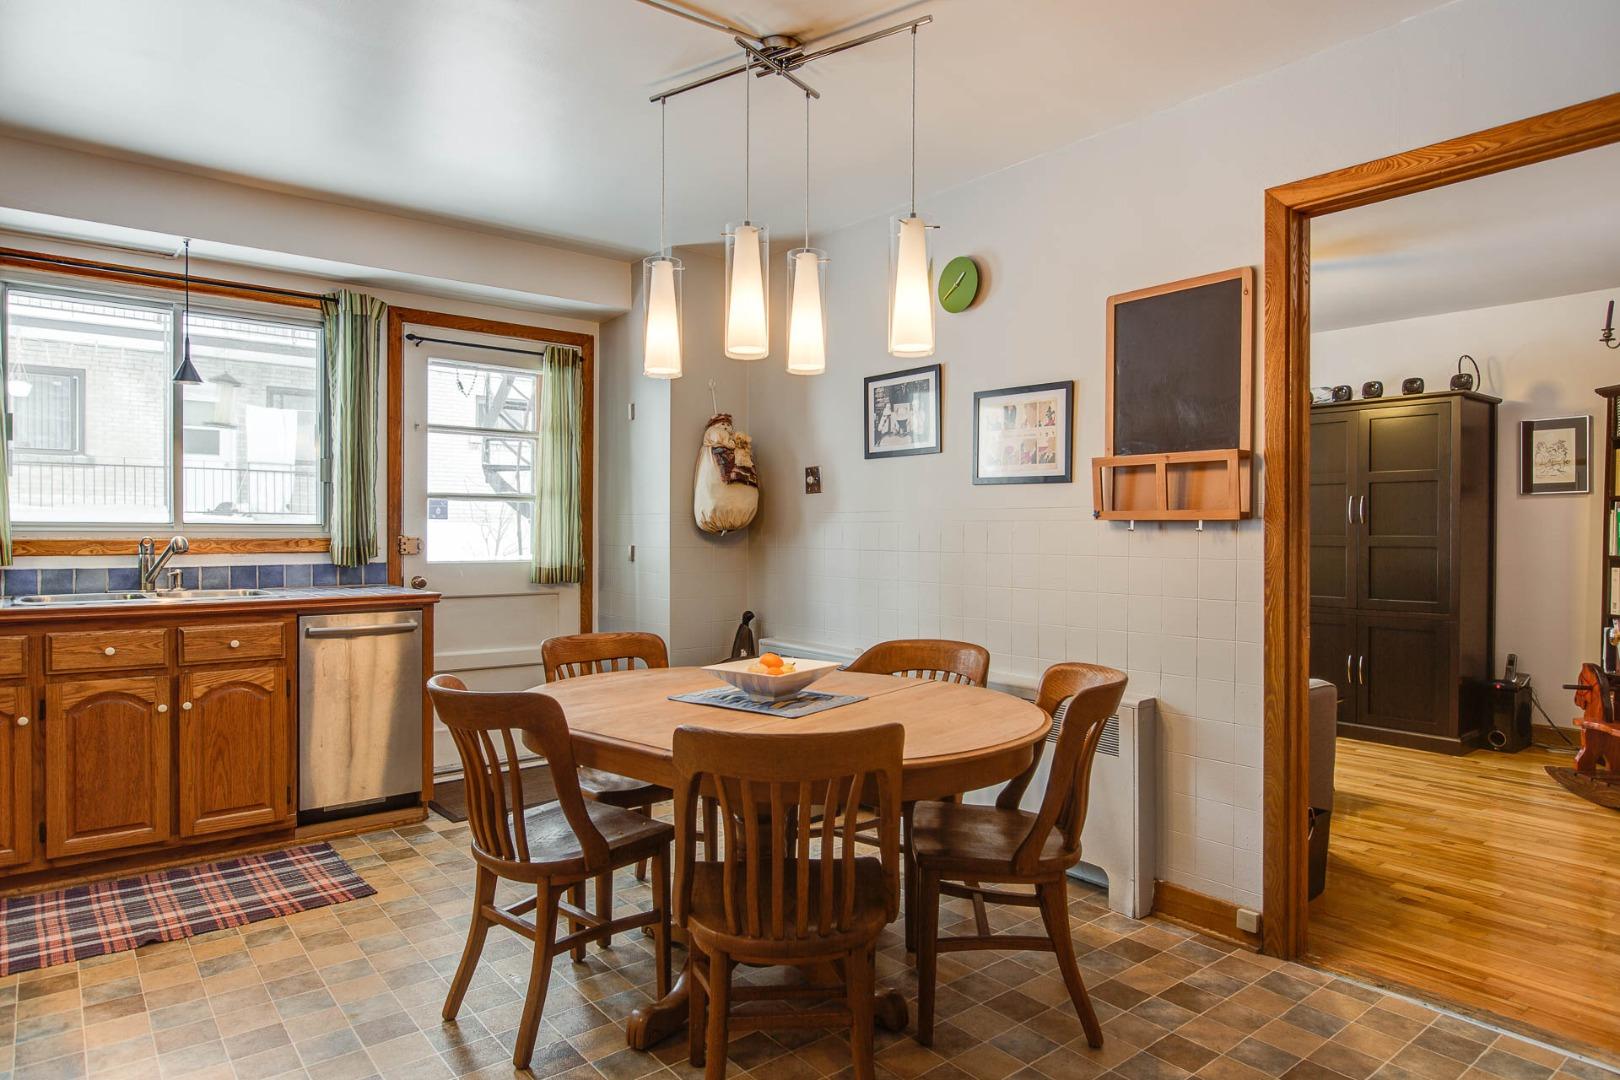 Triplex à vendre Montréal Rosemont / La Petite Patrie - Cuisine